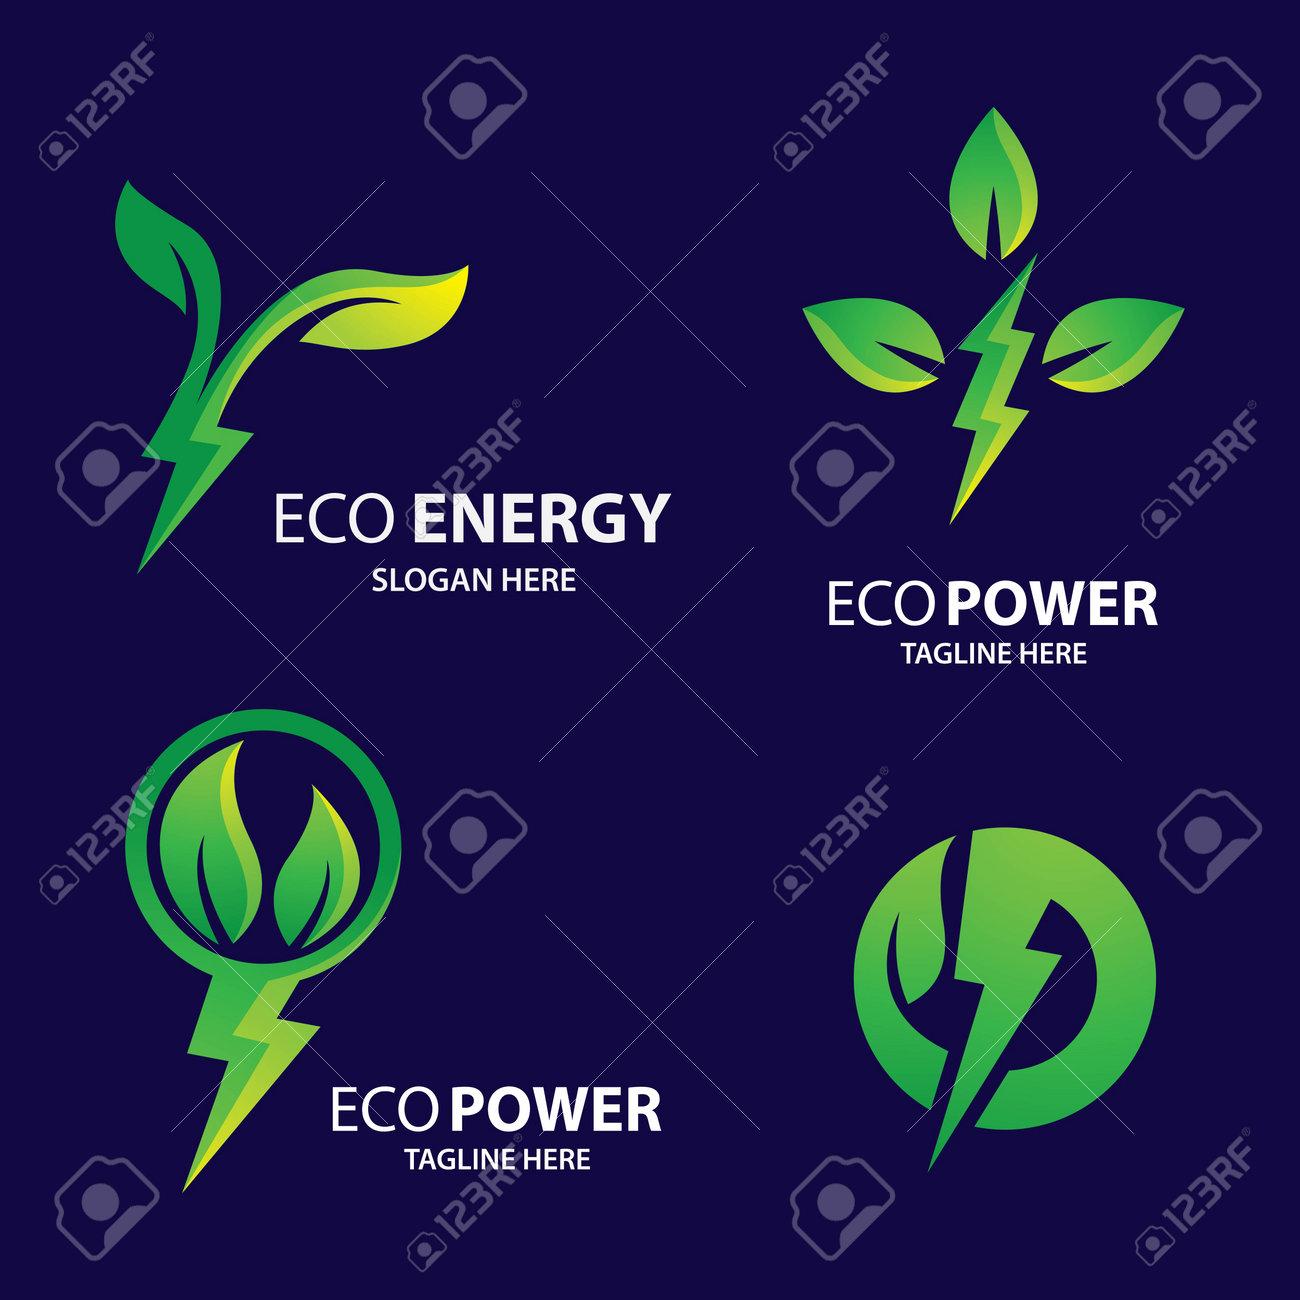 Eco energy logo images illustration design - 171705481